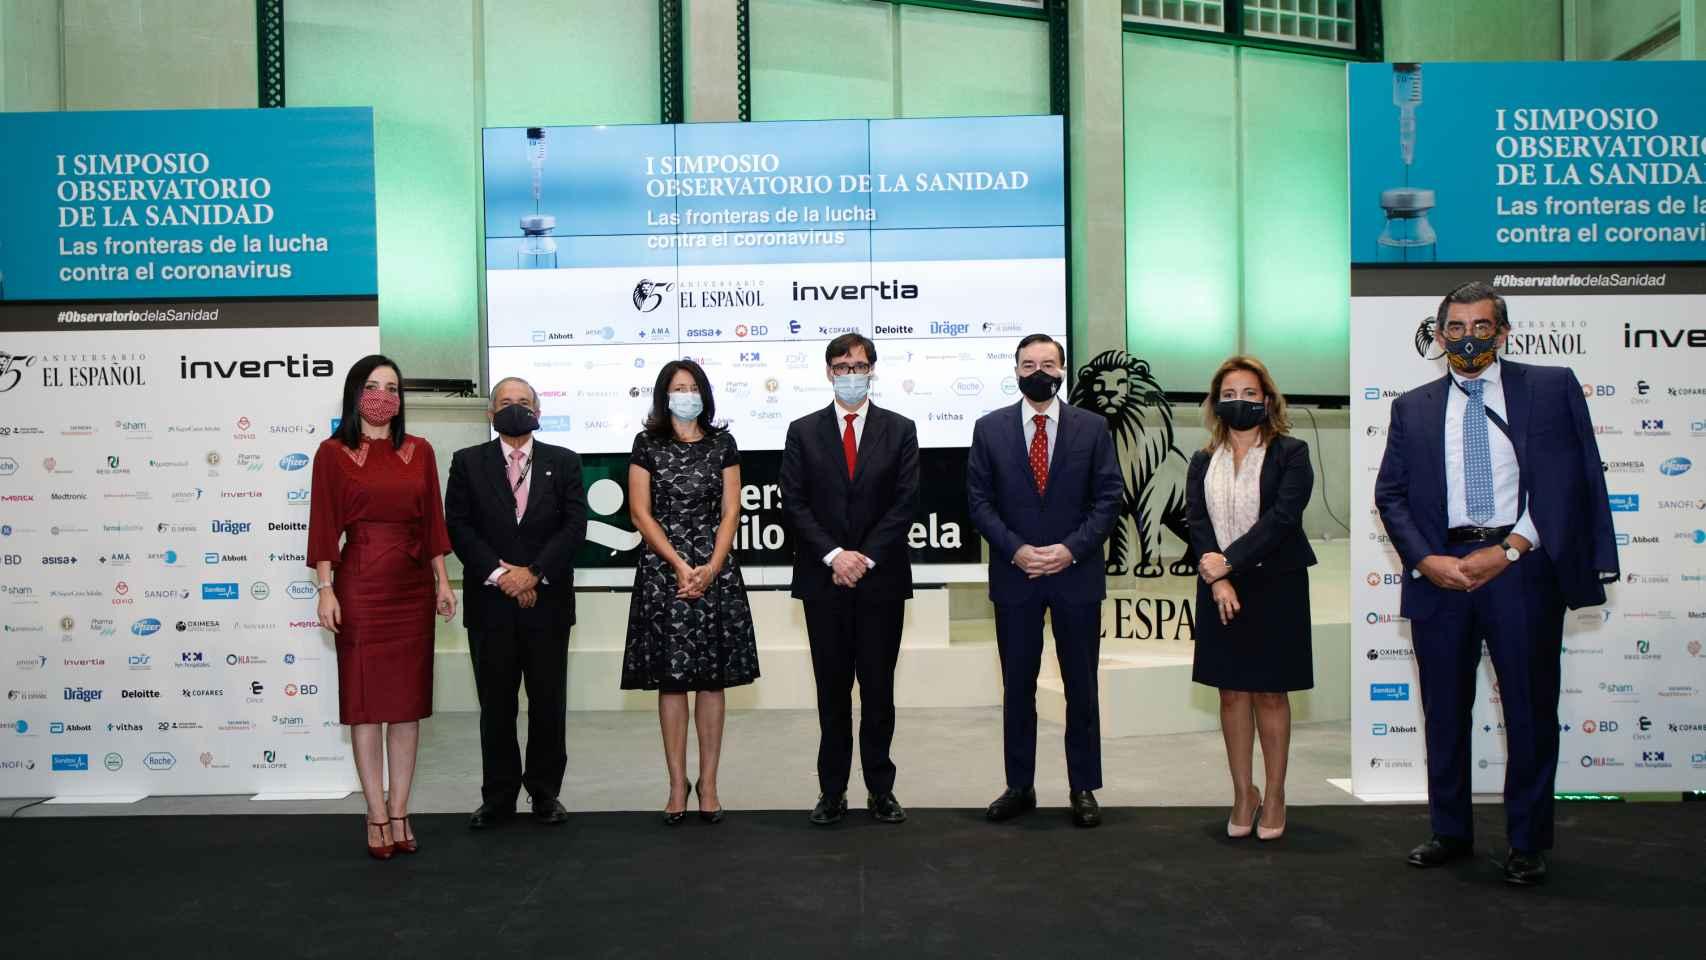 Inauguración del simposio 'Las fronteras de la lucha contra el virus'